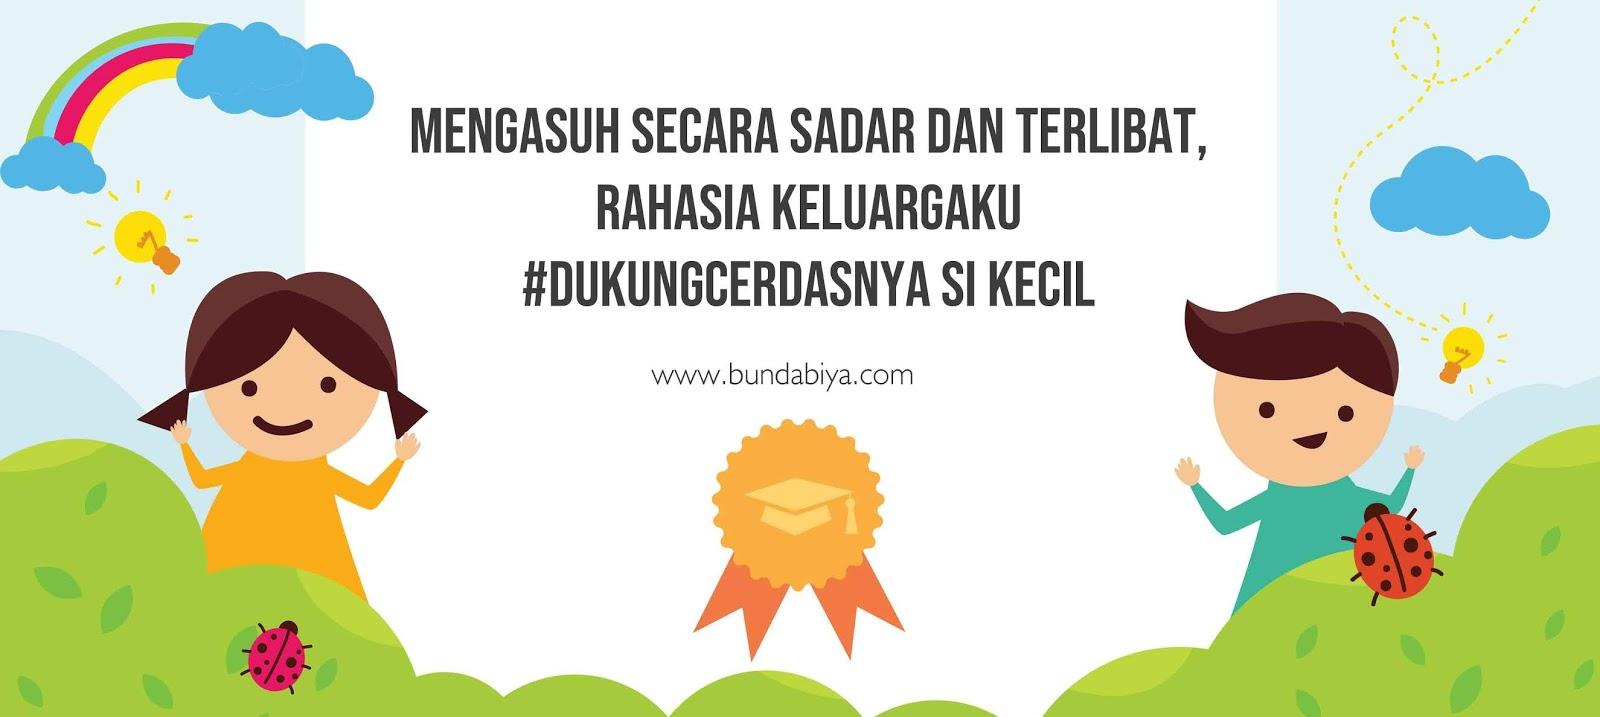 review cerebrofort gold, lomba blog cerebrofort gold, parenting blogger indonesia, mindful parenting adalah, anak hebat itu anak yang tangguh, anak hebat itu anak yang bahagia, dukung cerdasnya si kecil